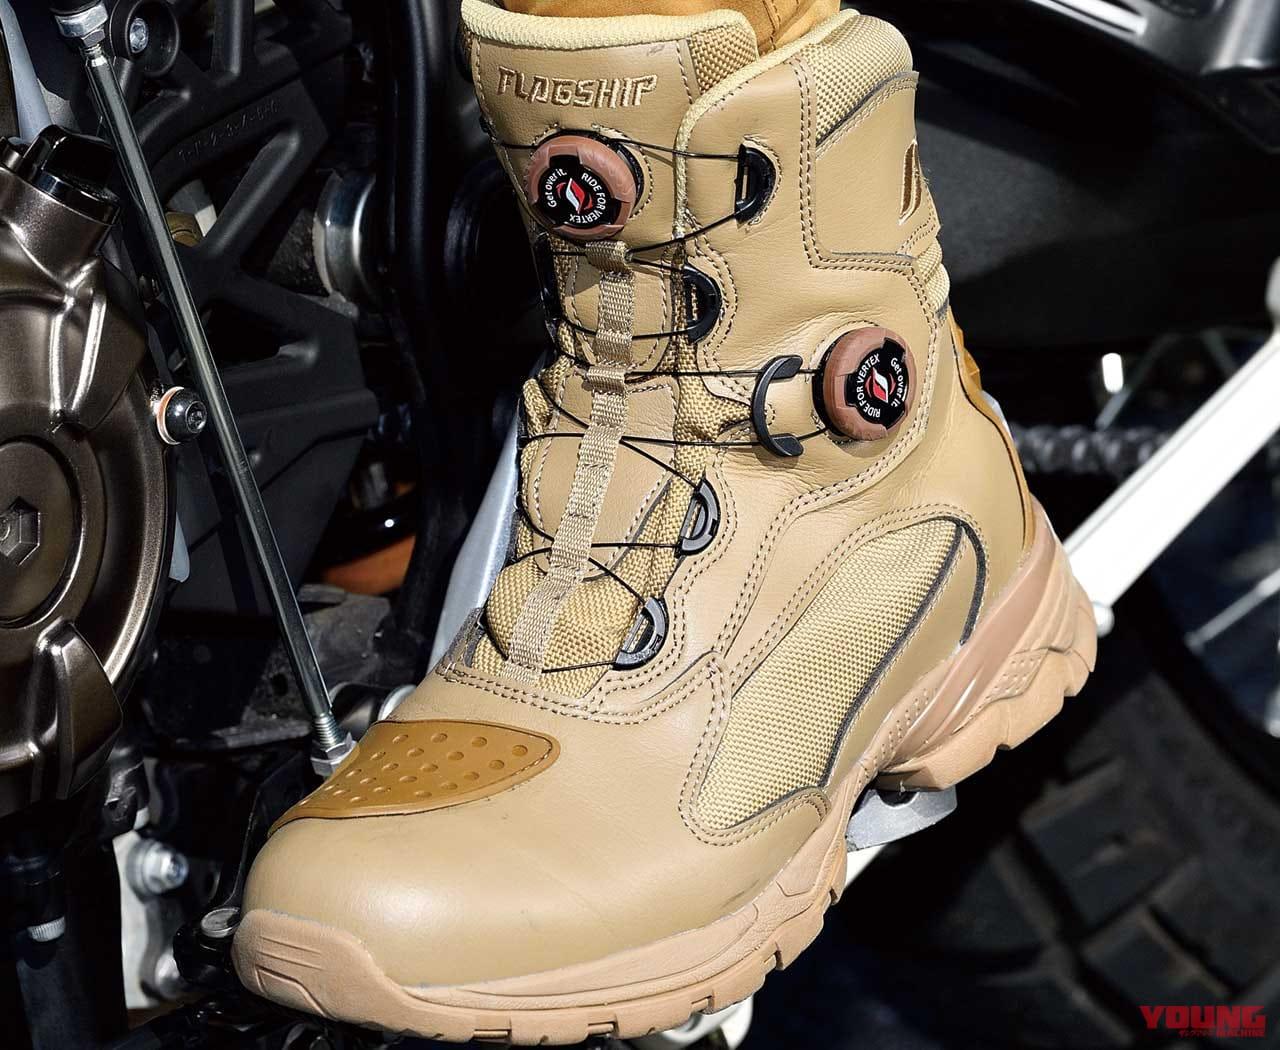 フラッグシップ タクティカルライディングブーツ試用インプレ【蒸れ感少なく普段履きもOK】